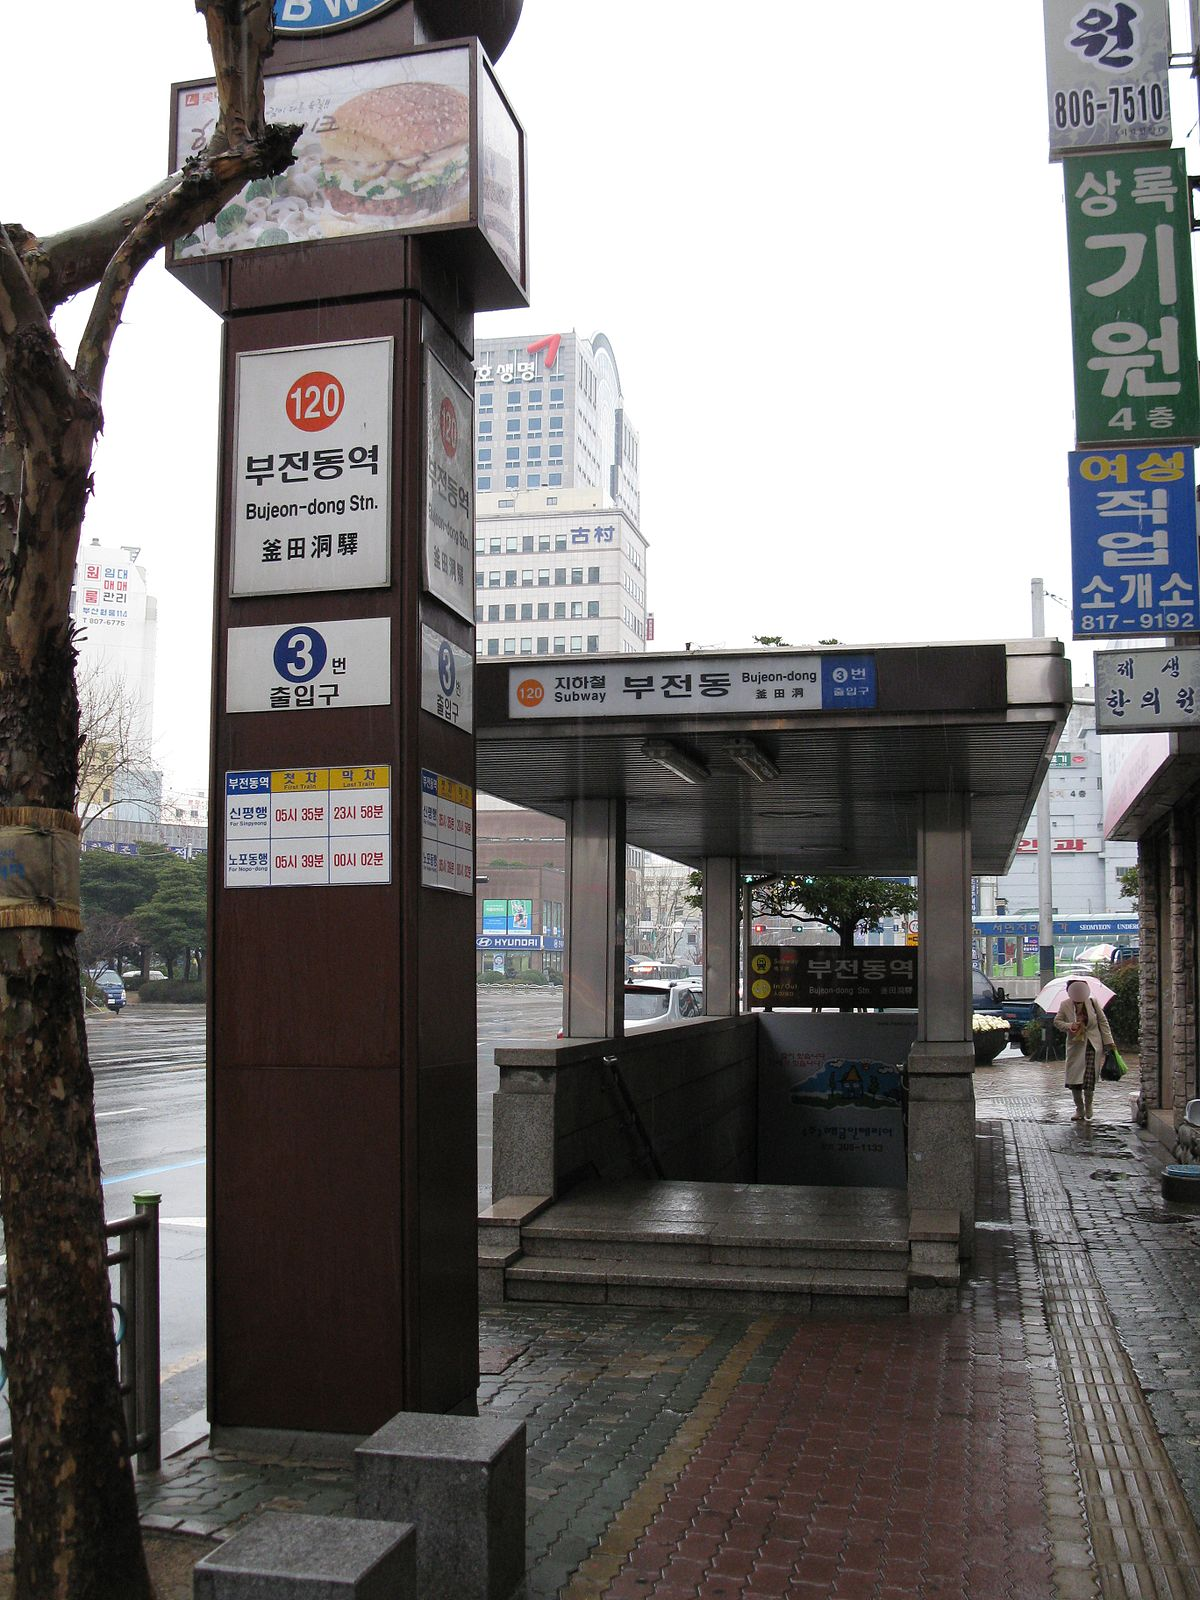 釜田駅 (釜山交通公社) - Wikipedia